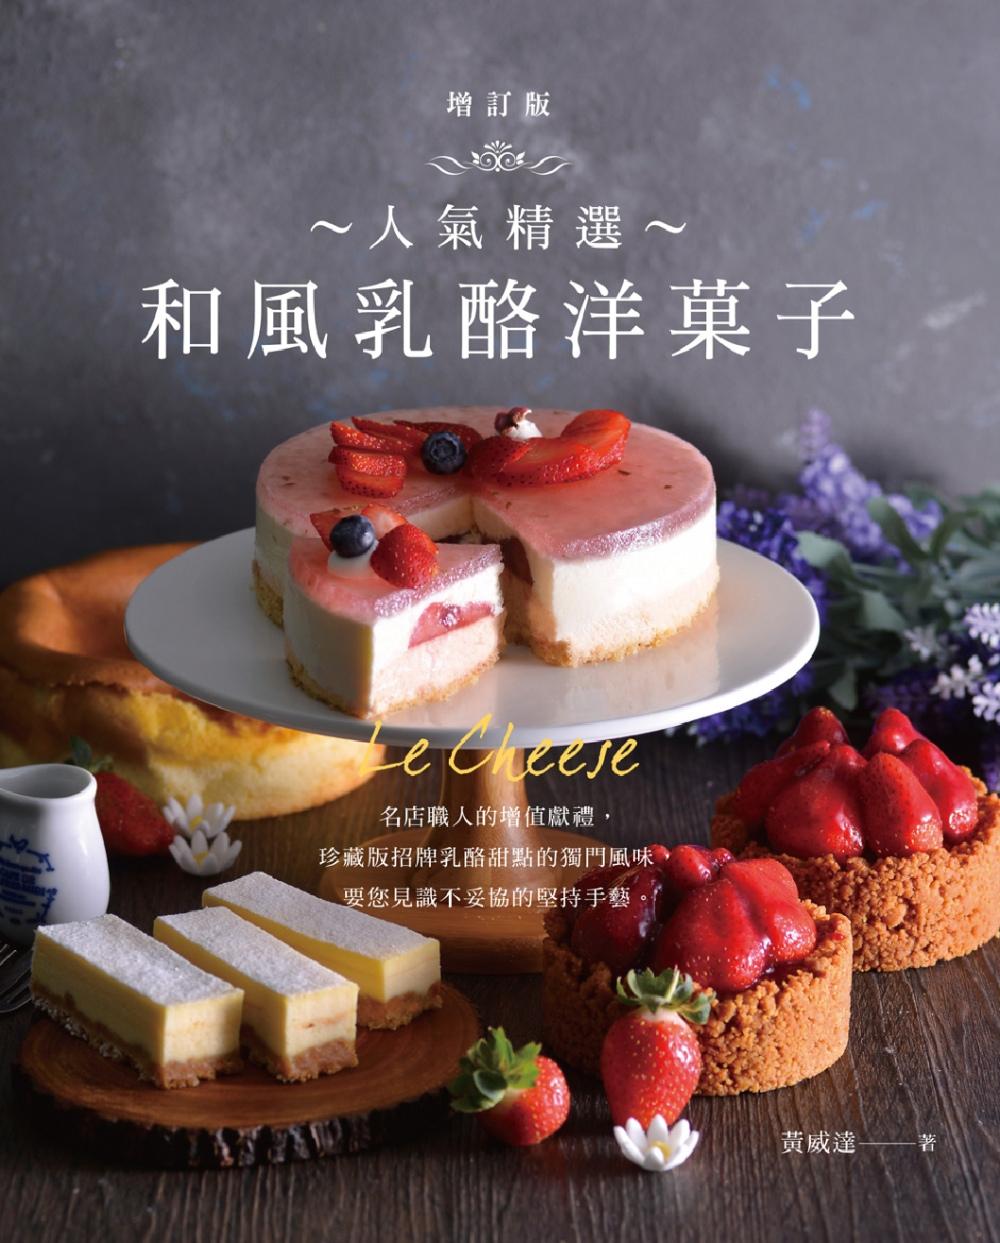 ◤博客來BOOKS◢ 暢銷書榜《推薦》人氣精選和風乳酪洋菓子(增訂版)